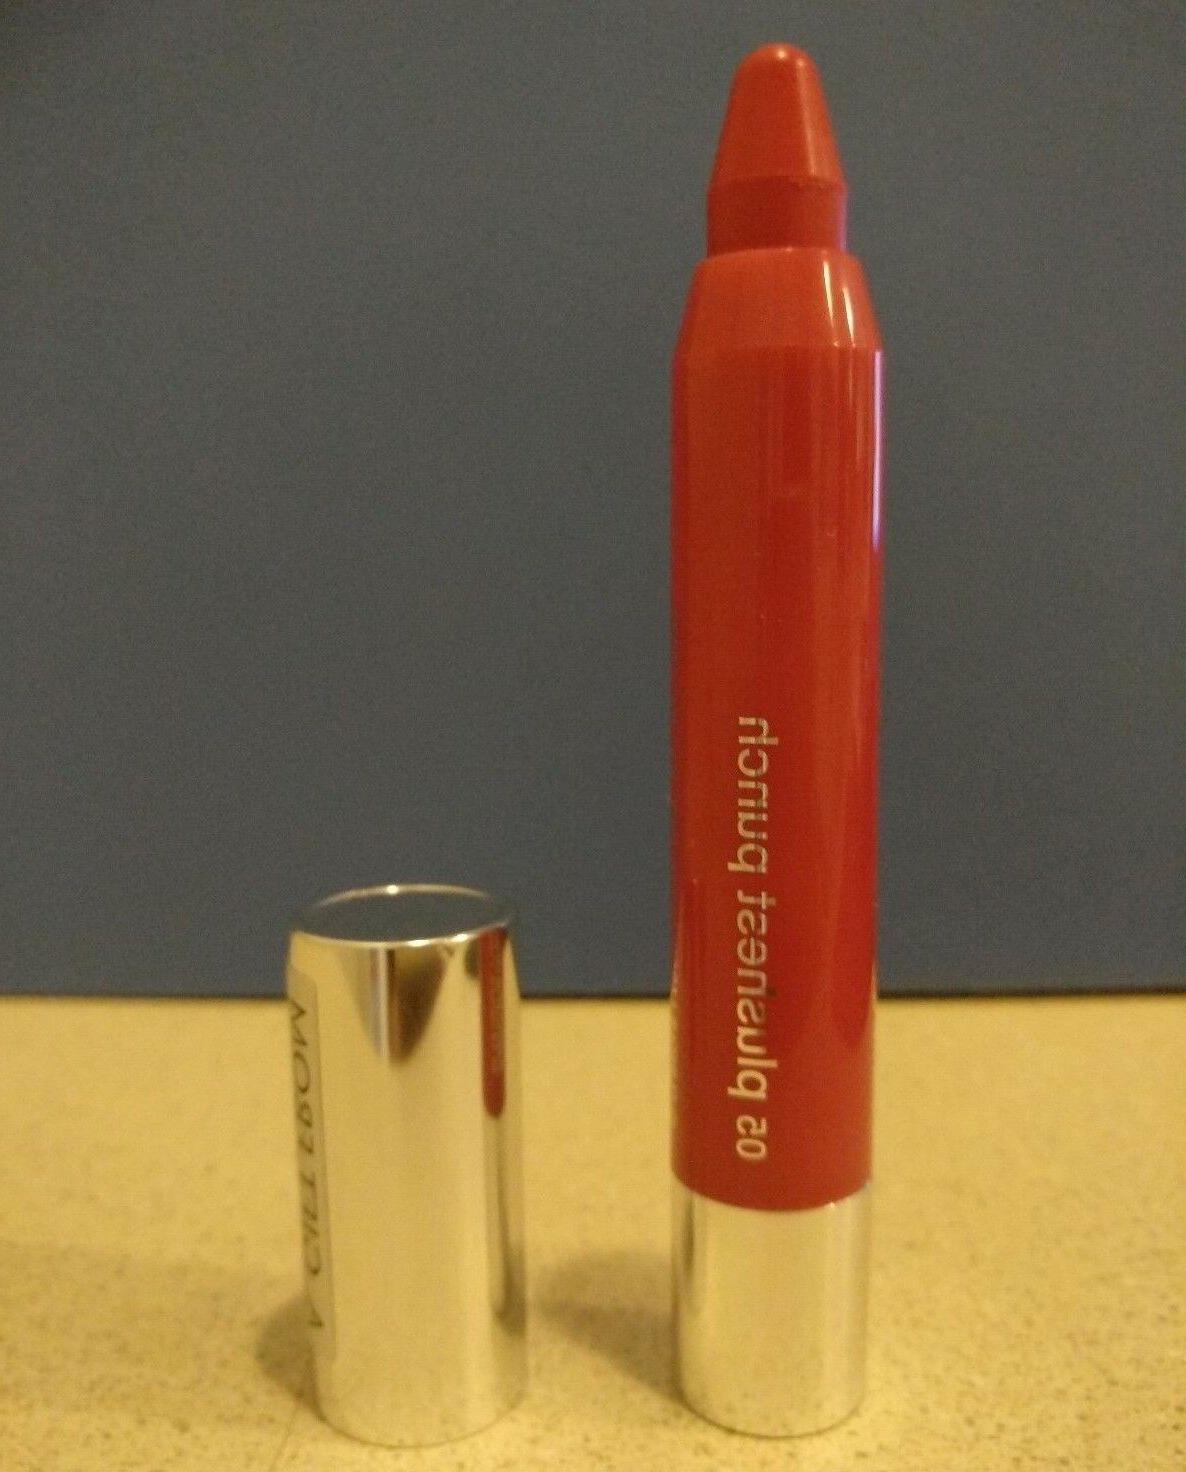 new chubby stick intense moisturizing lip balm